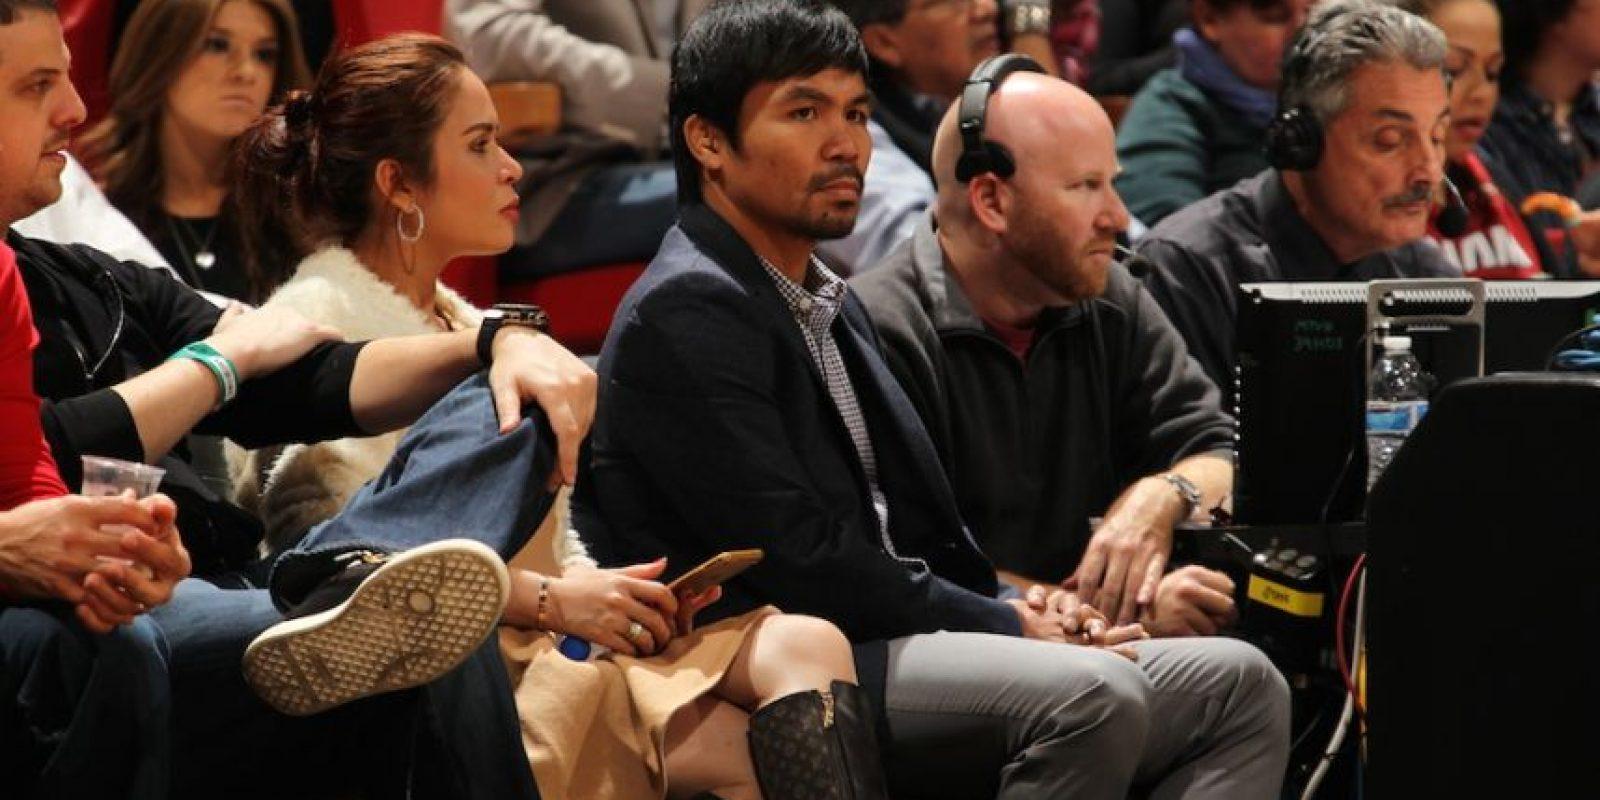 Manny aprovechó su estancia en Estados Unidos para asistir al partido. Foto:AFP